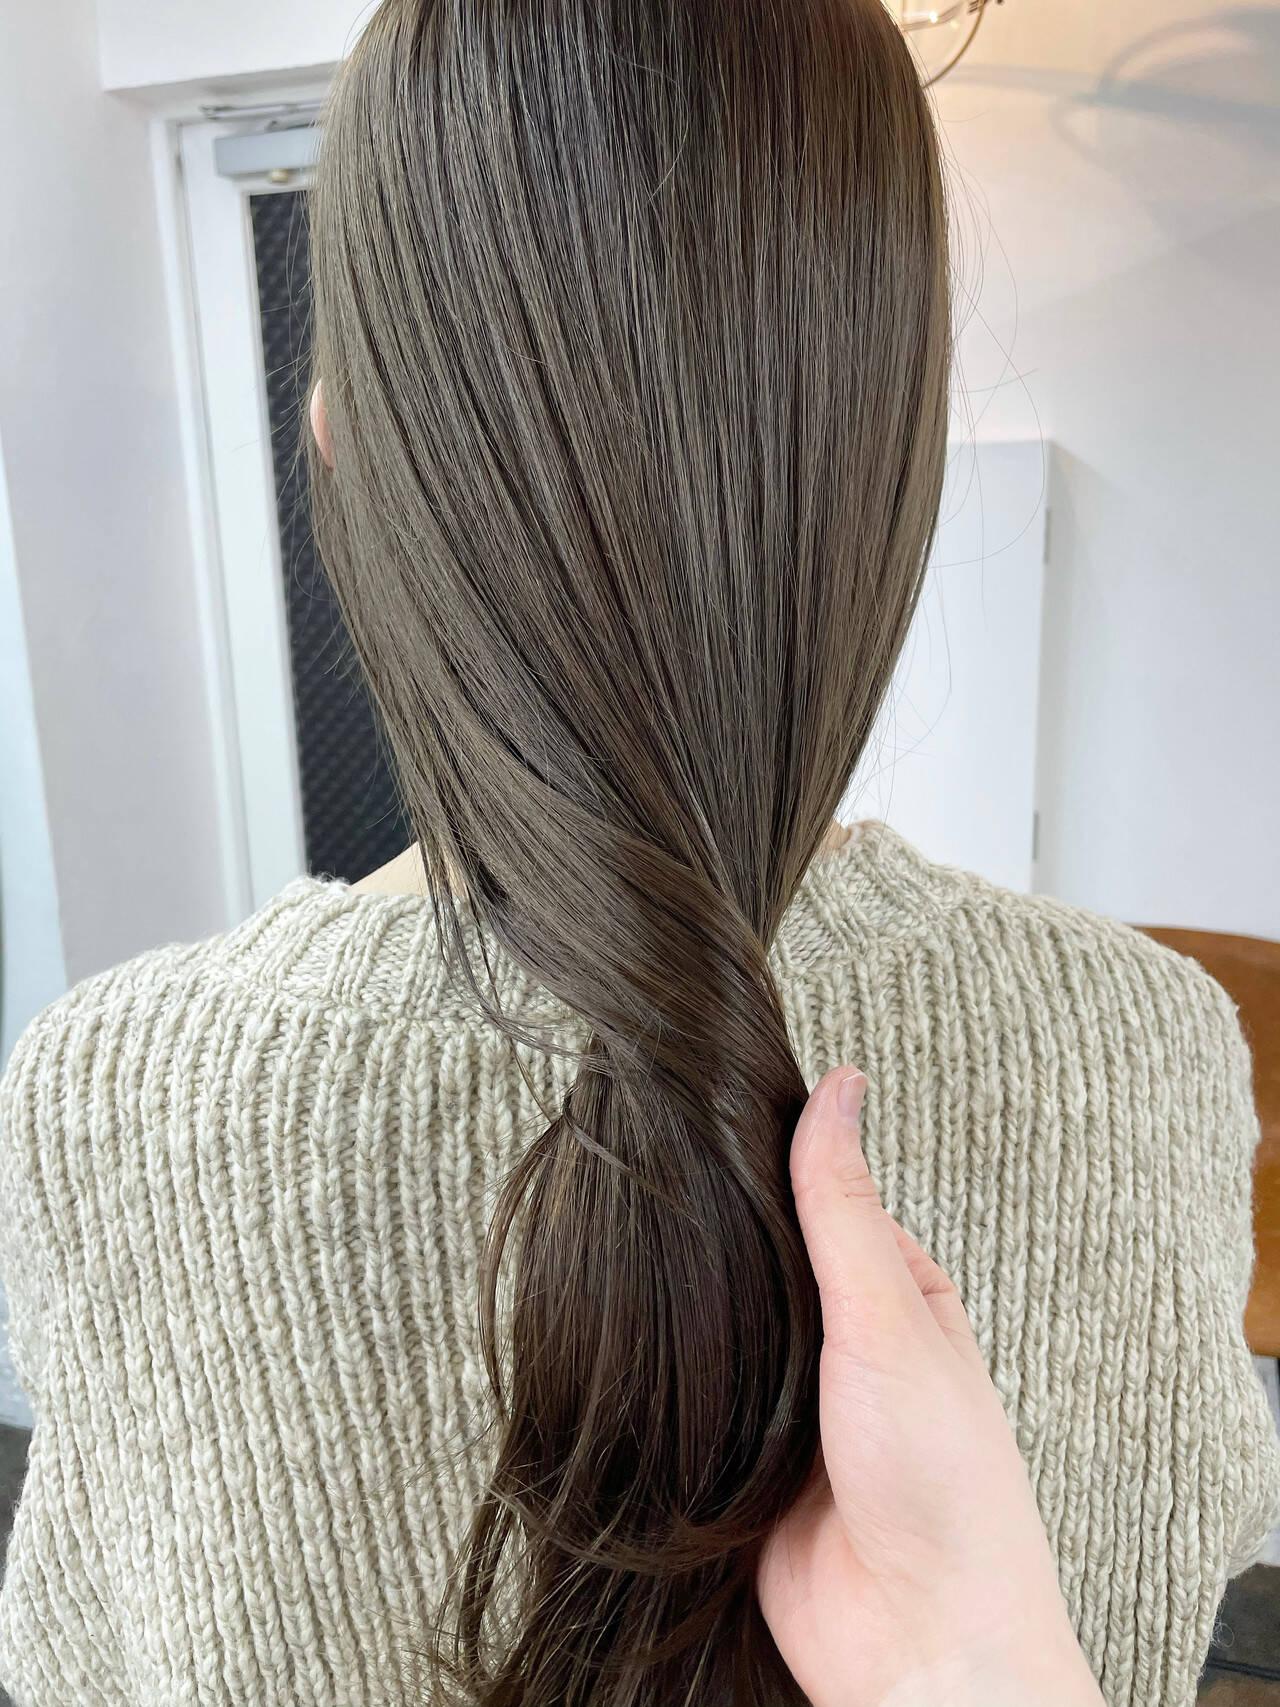 ロング イルミナカラー オリーブグレージュ カーキアッシュヘアスタイルや髪型の写真・画像